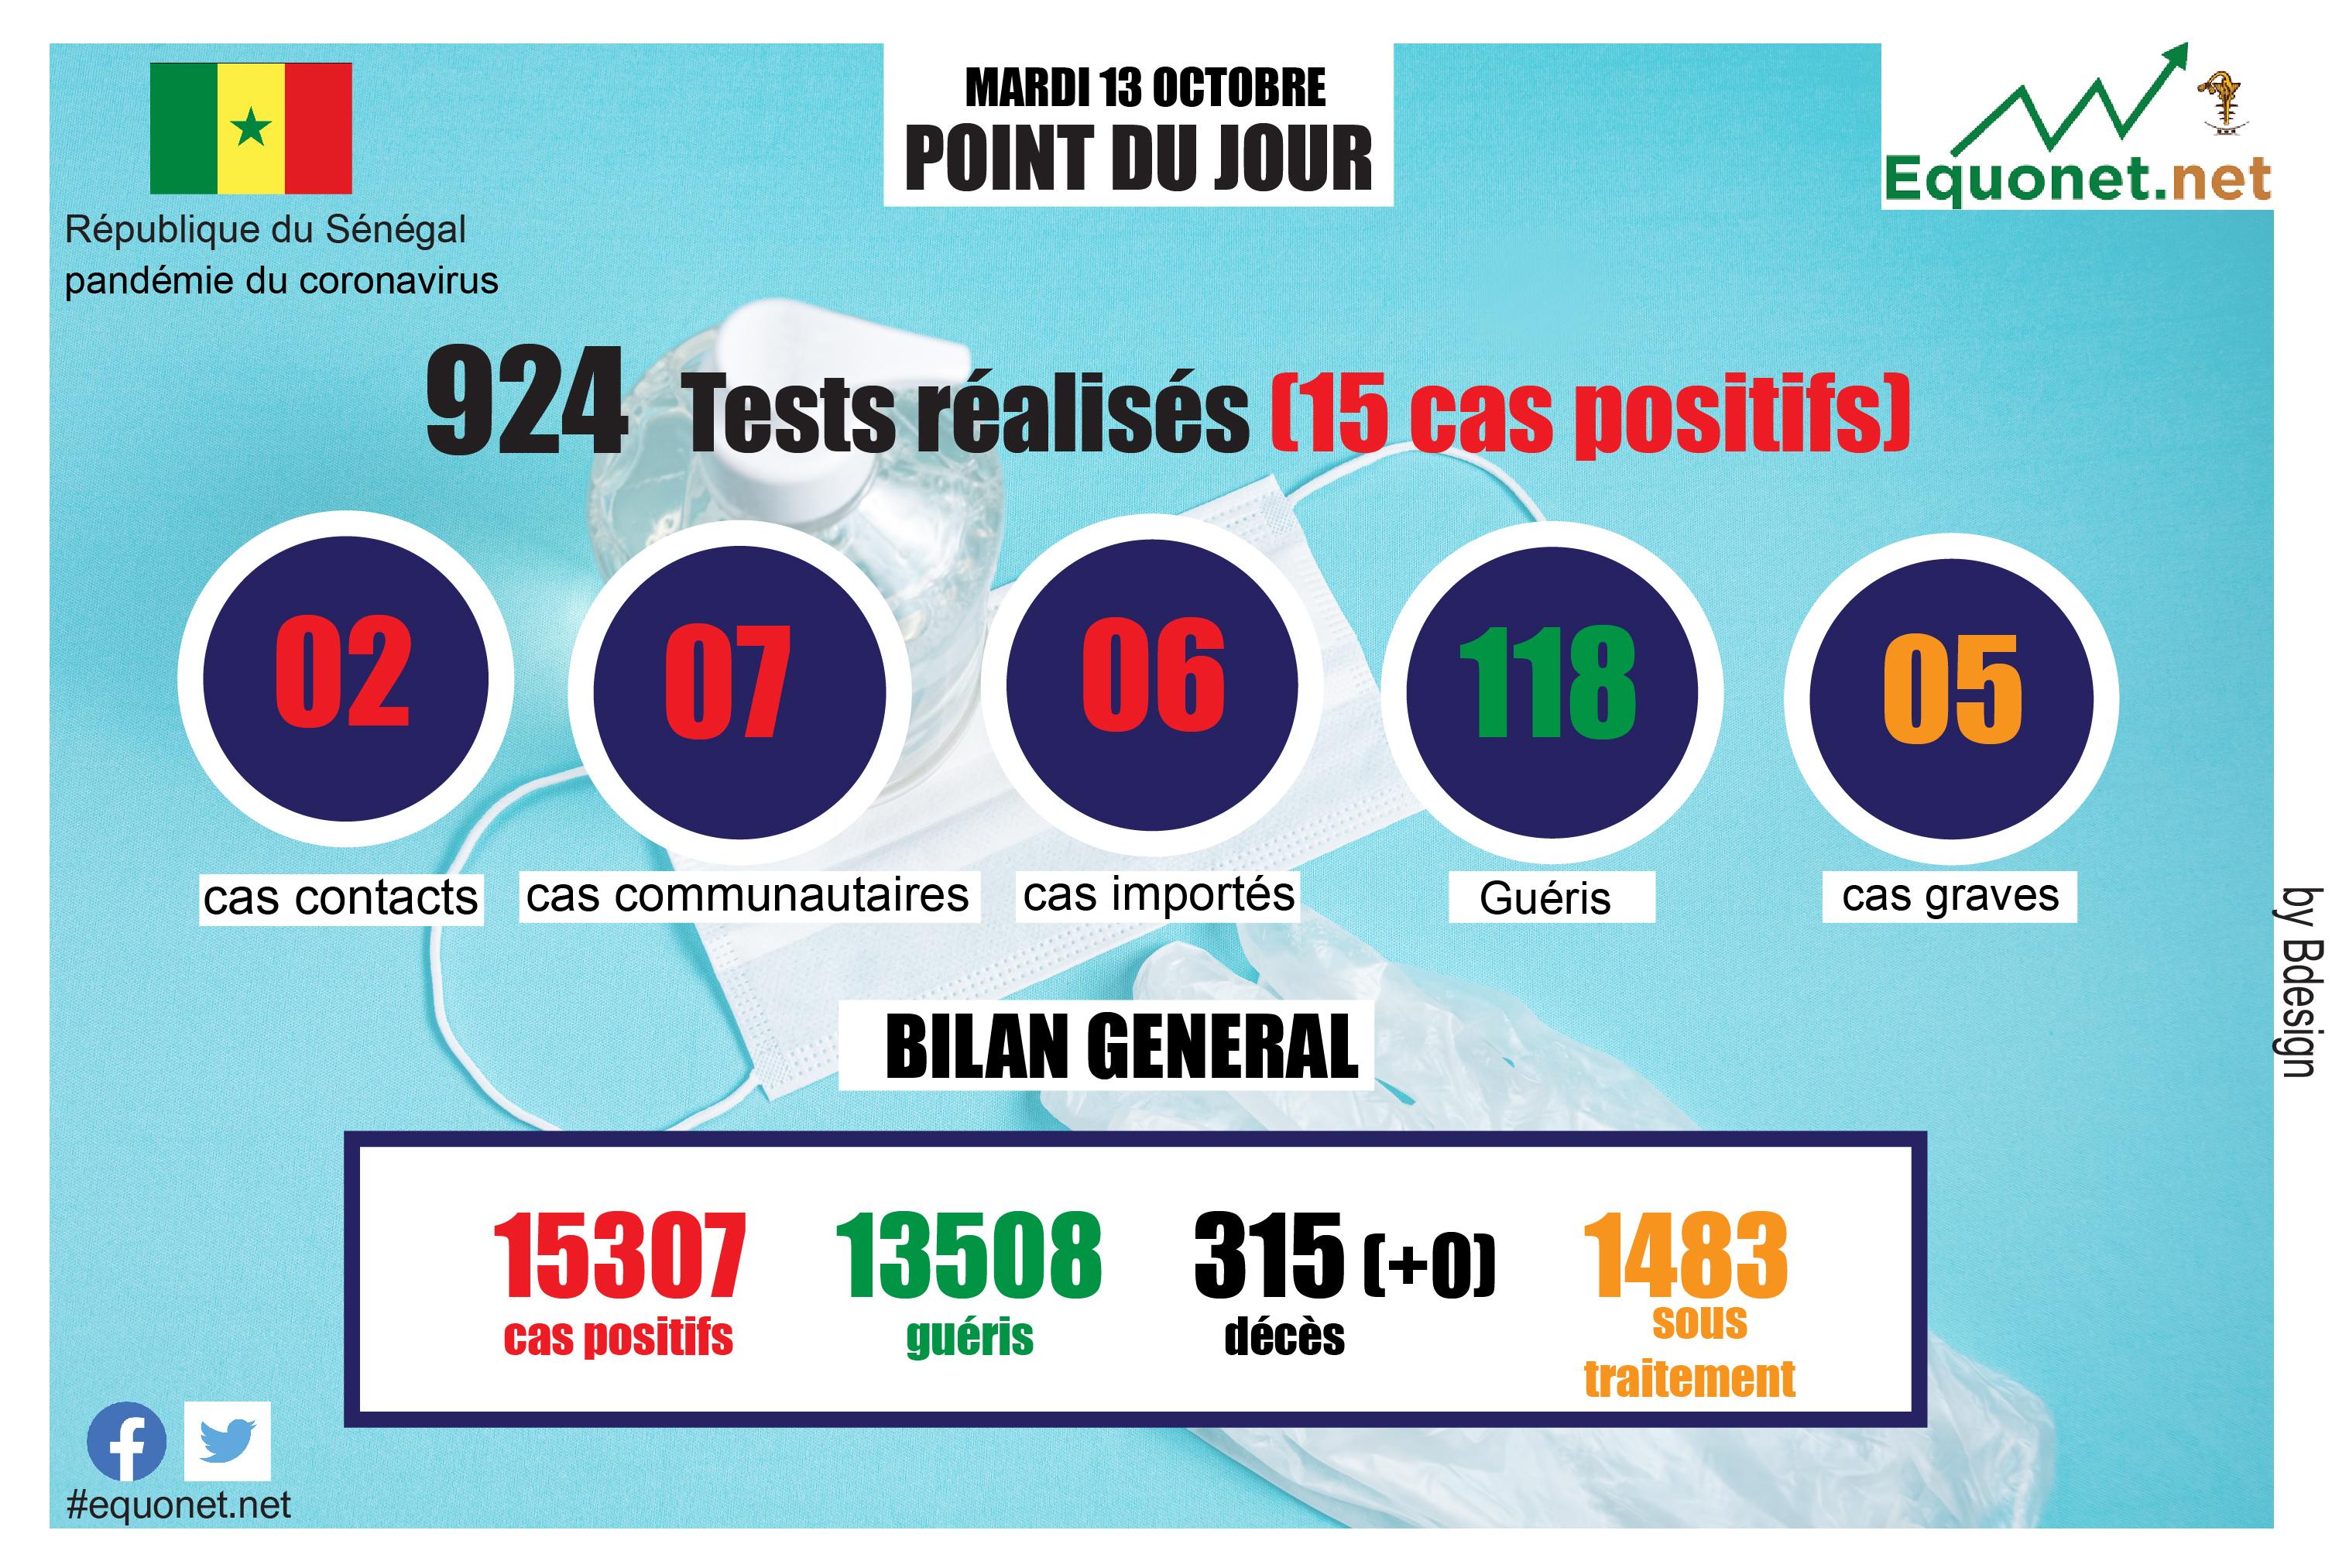 pandémie du coronavirus-covid-19 au sénégal : point de situation du mardi 13 octobre 2020